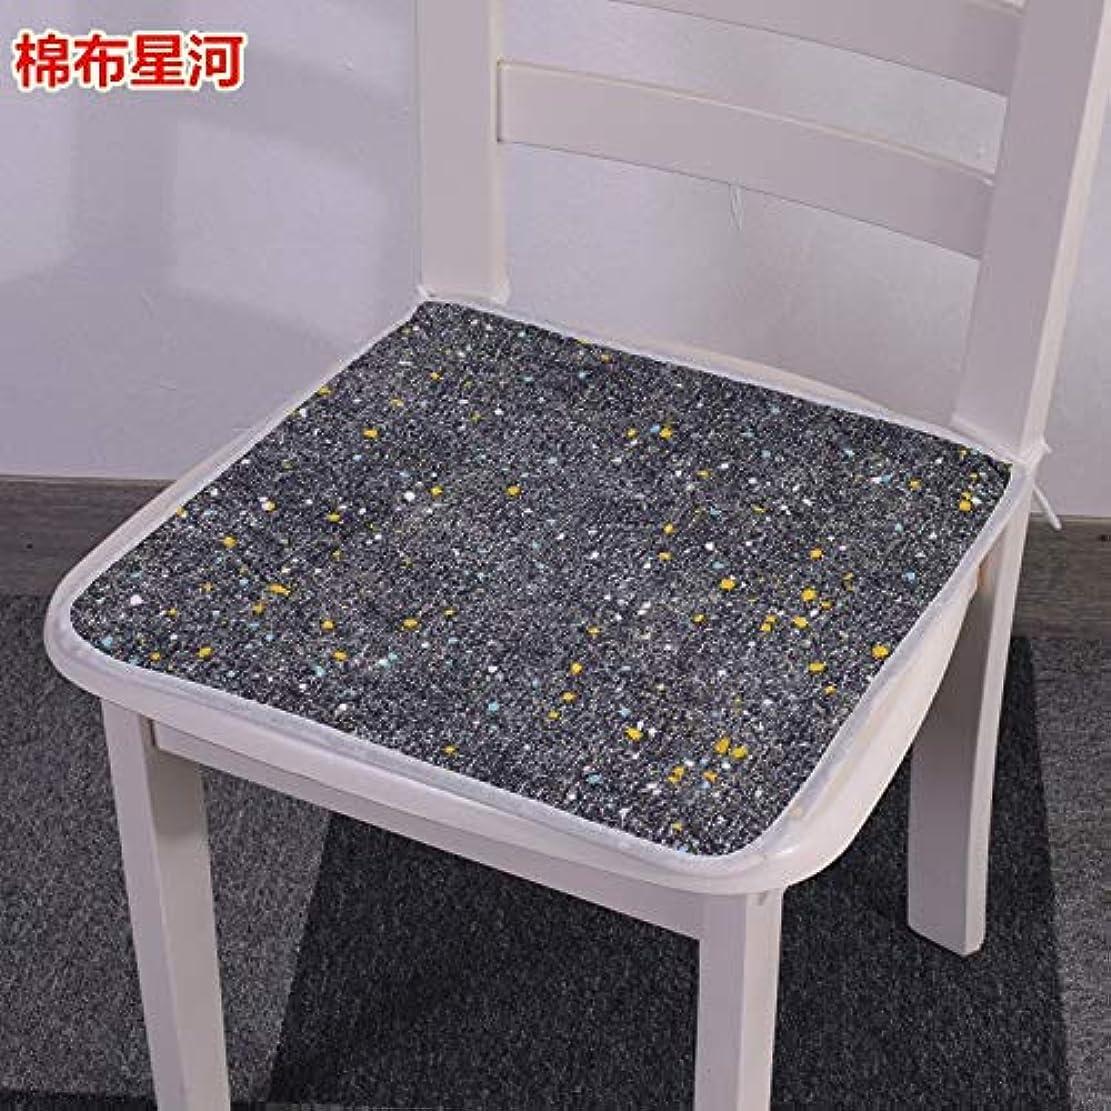 夜明けにモジュールテンションLIFE 現代スーパーソフト椅子クッション非スリップシートクッションマットソファホームデコレーションバッククッションチェアパッド 40*40/45*45/50*50 センチメートル クッション 椅子